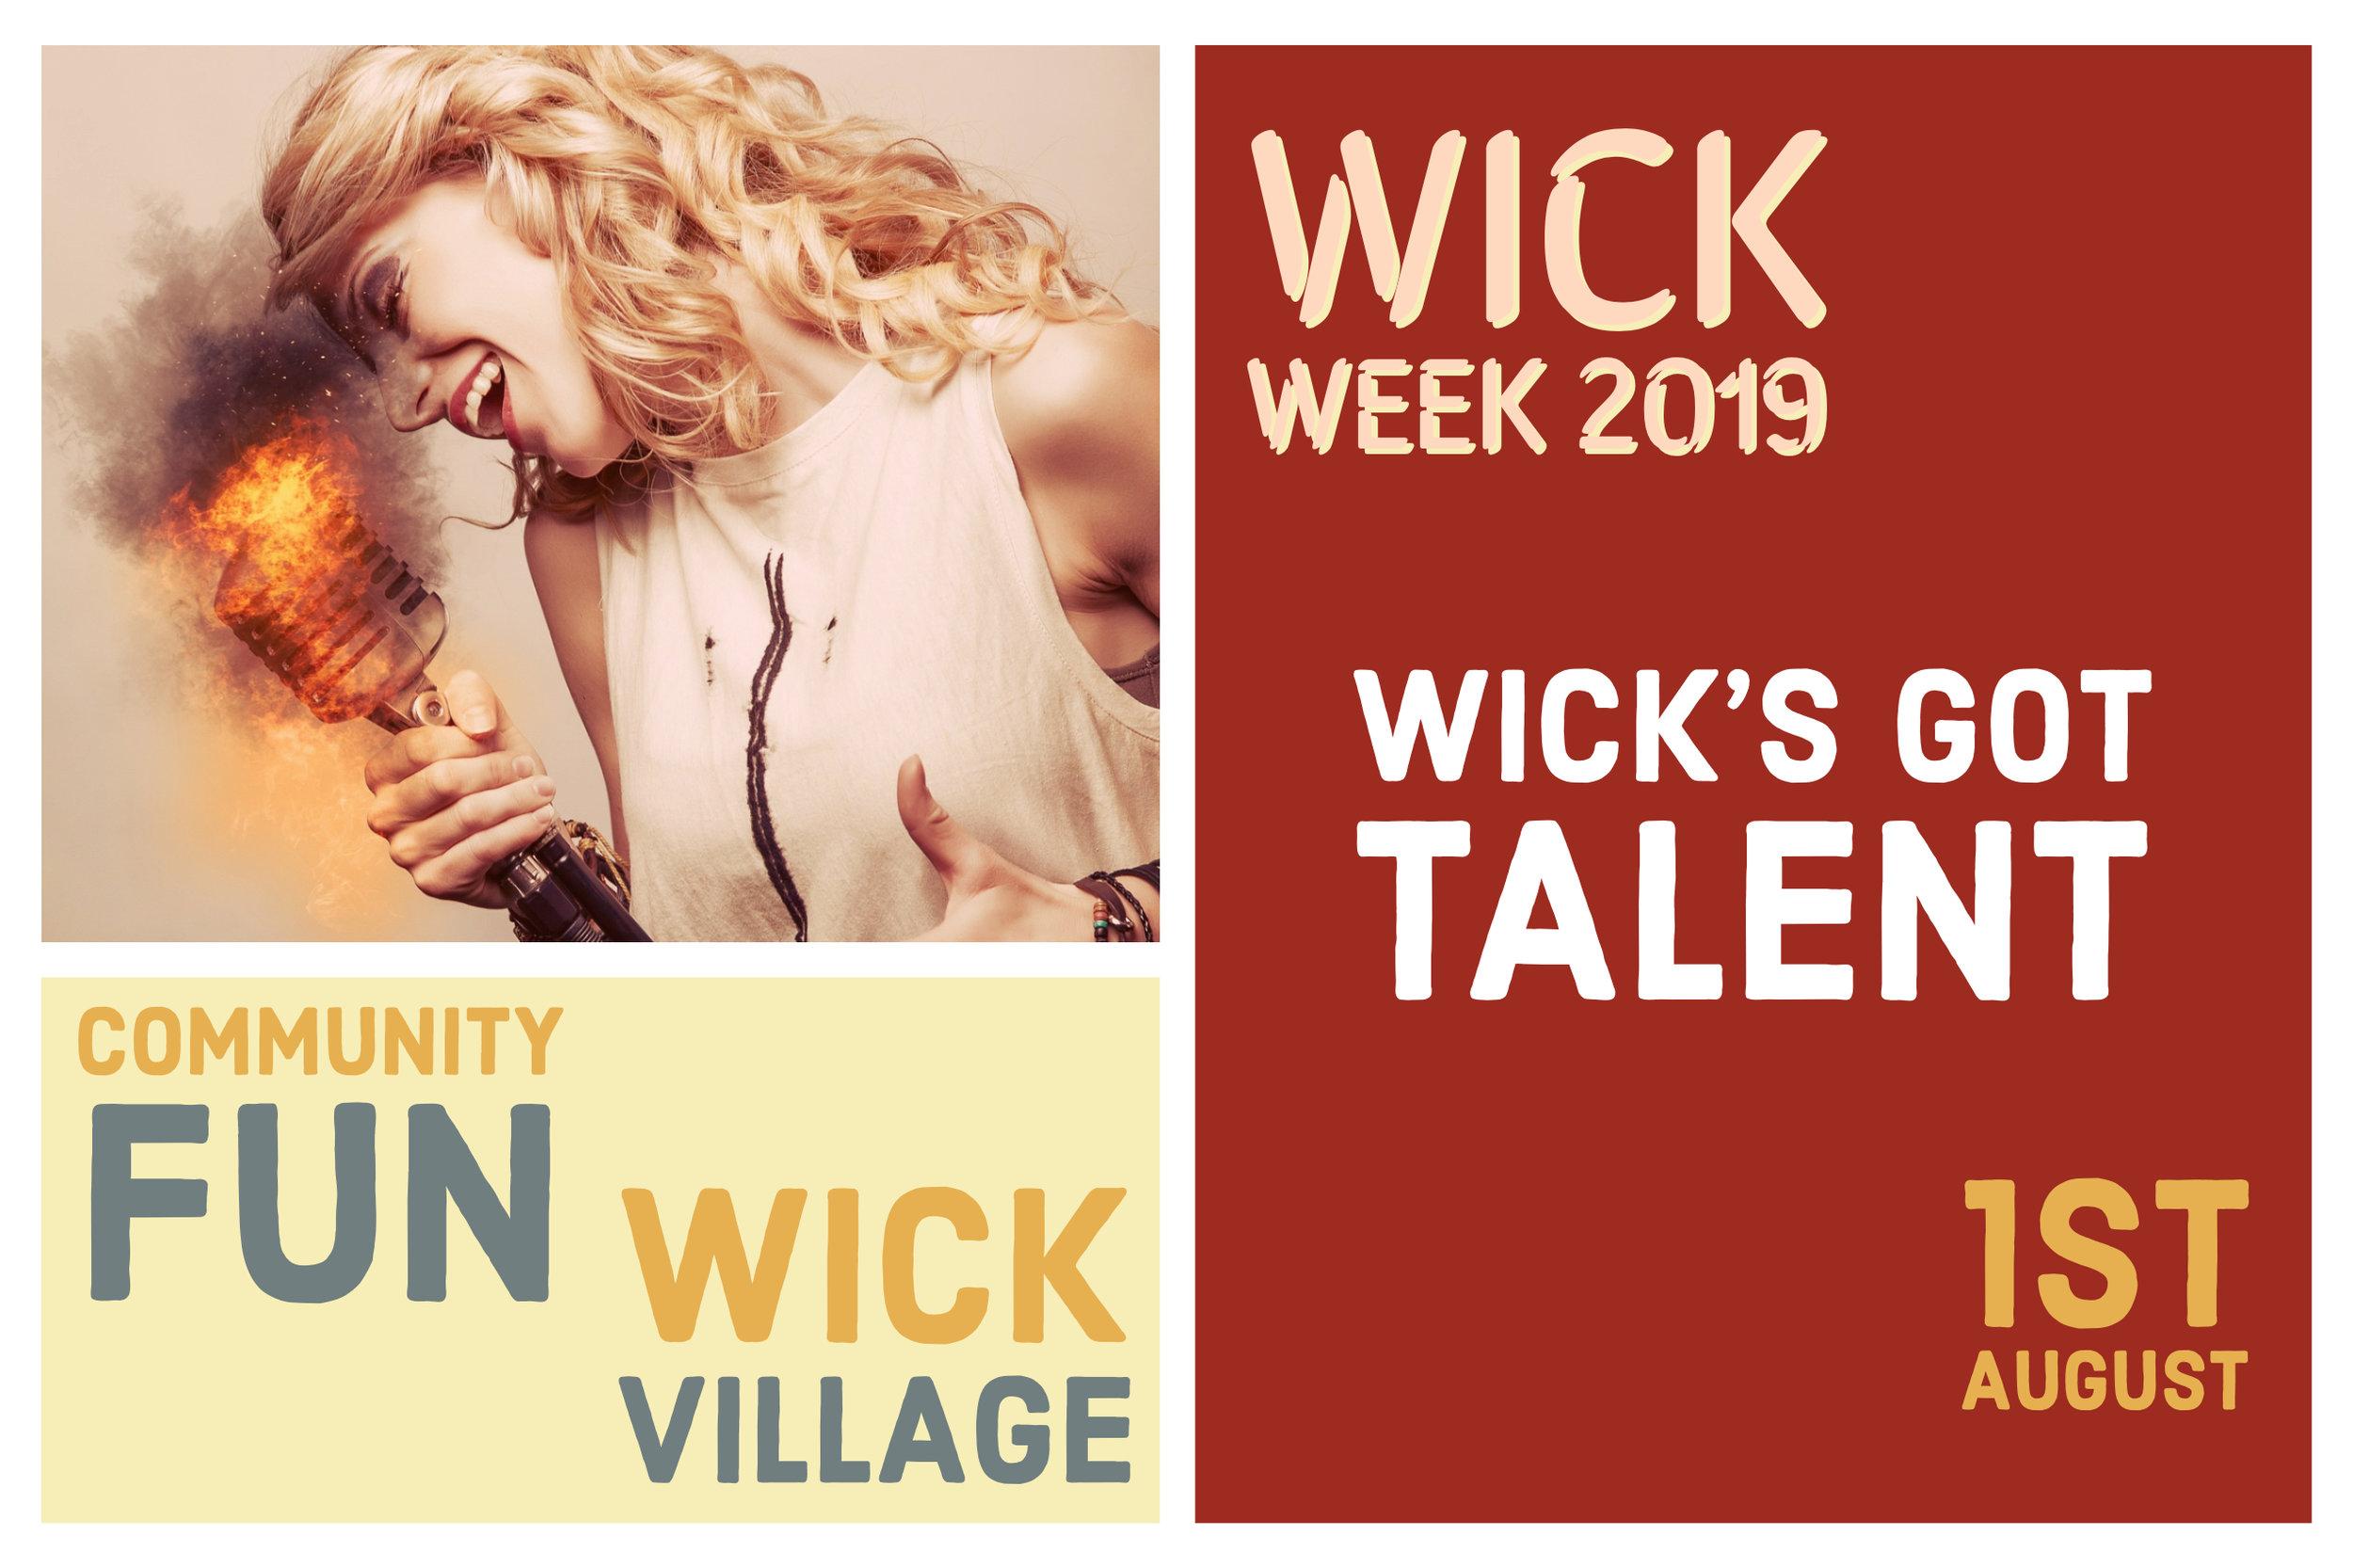 Wick Week 2019 - Wick's Got Talent.